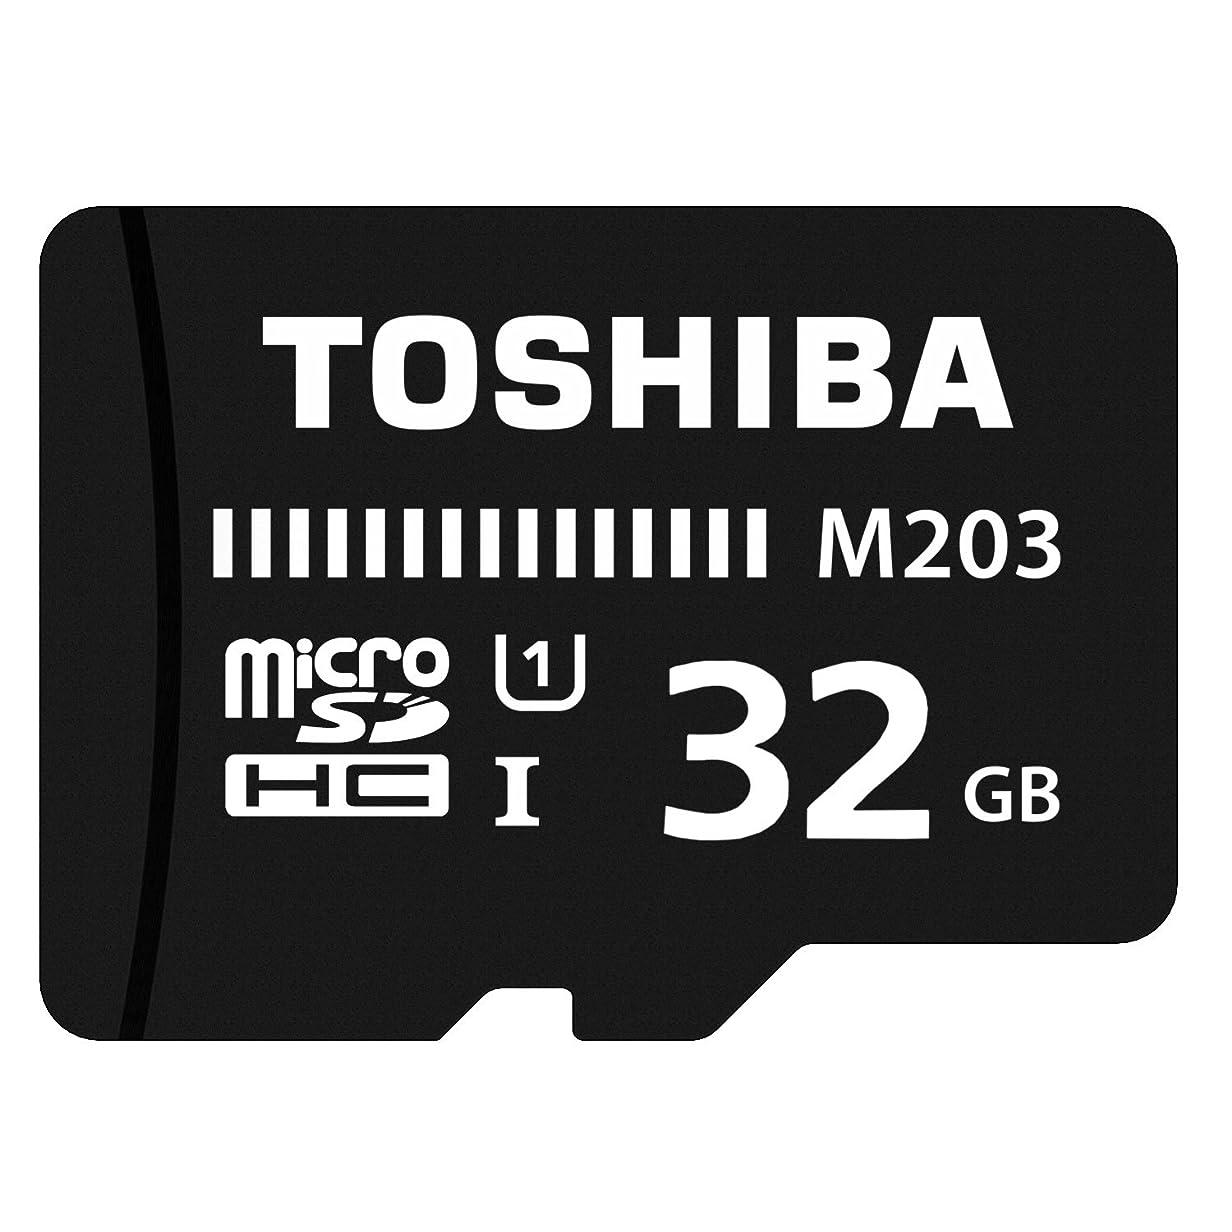 拷問回転させる所得microSDHC 32GB 東芝 Toshiba 超高速UHS-I フルHD動画撮影 海外向パッケージ品 [並行輸入品]